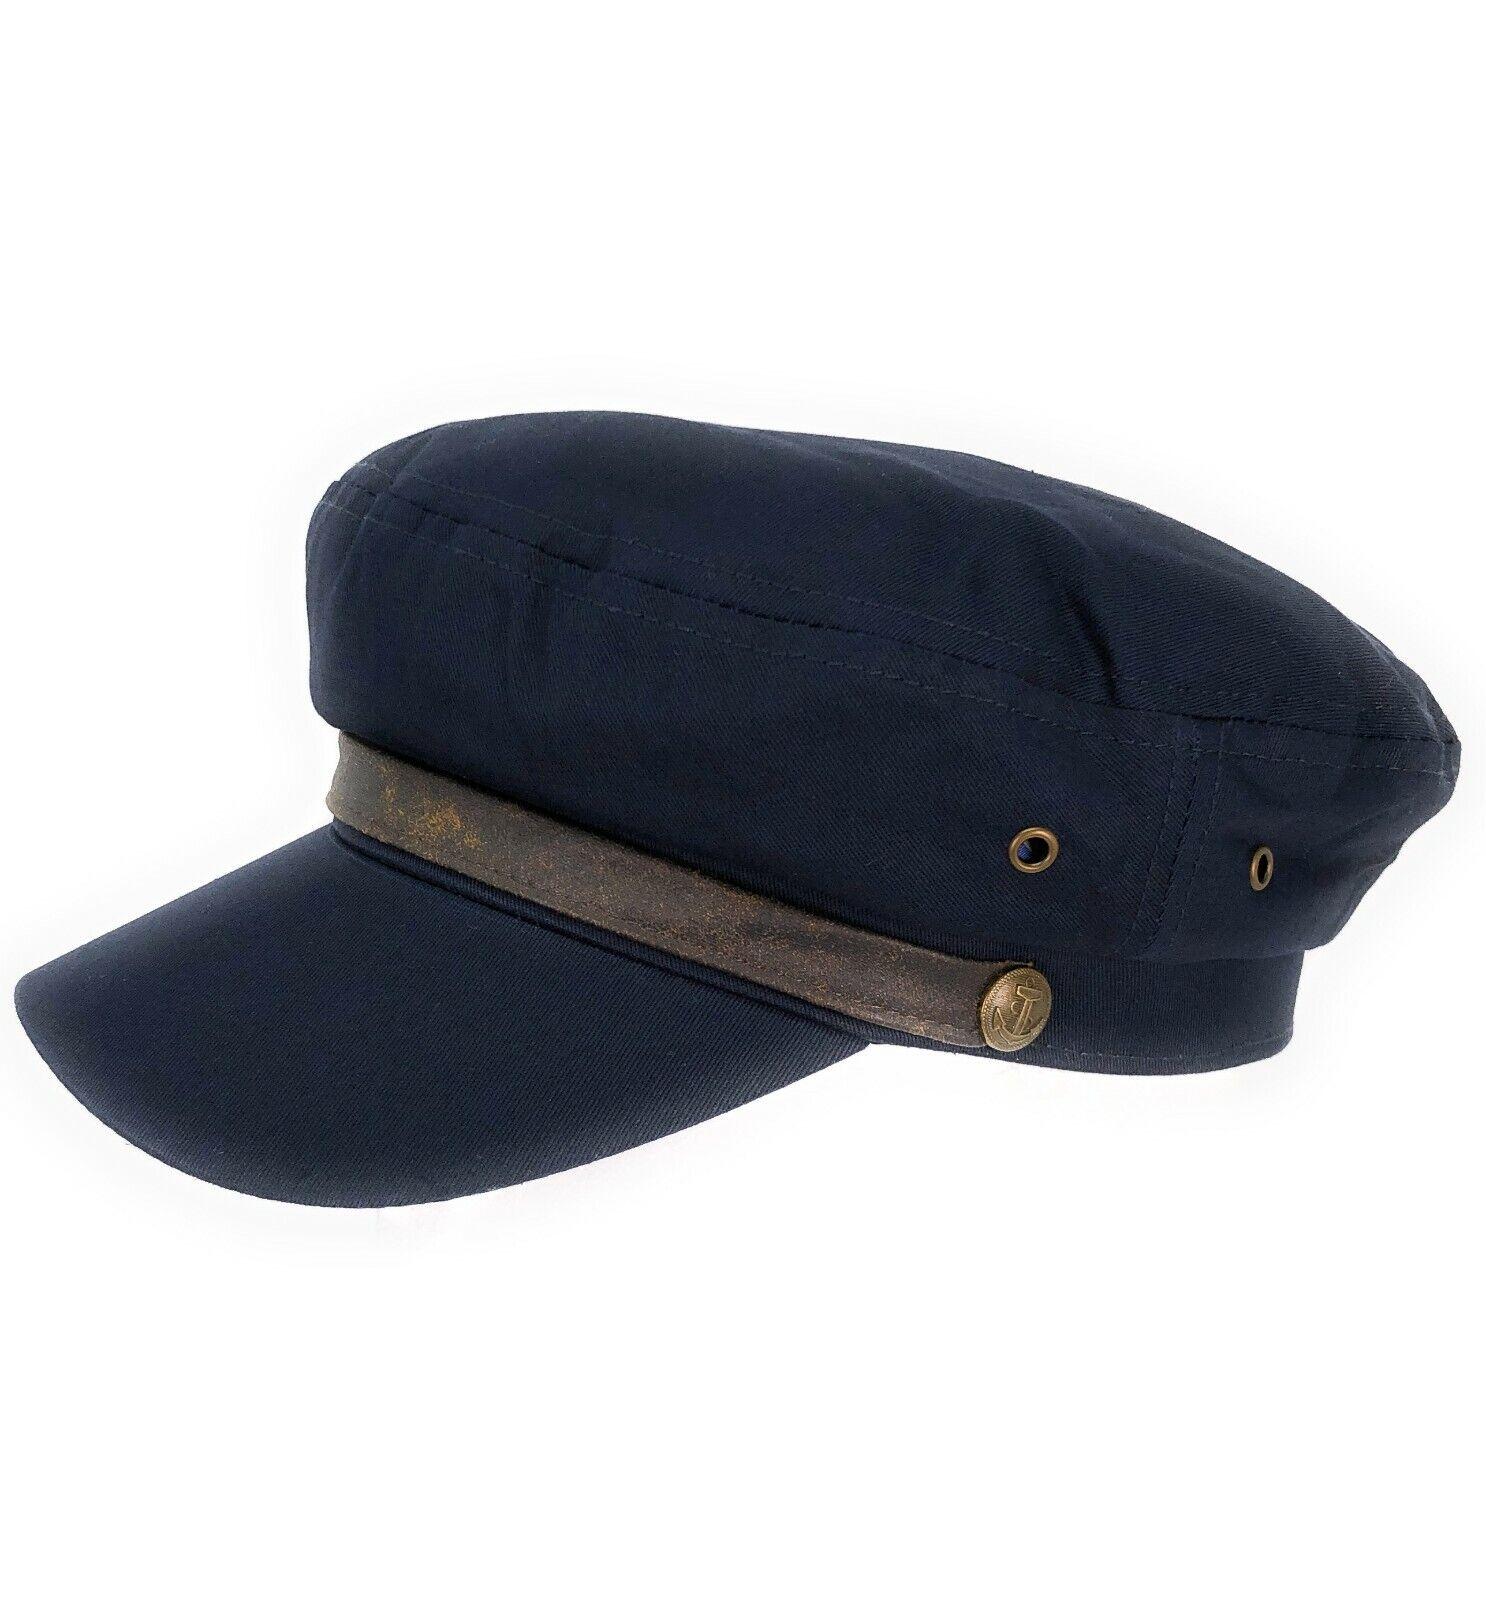 Elbsegler Balke Captain Hat Sailor Hat Chauffeur's Hat Shield Cap